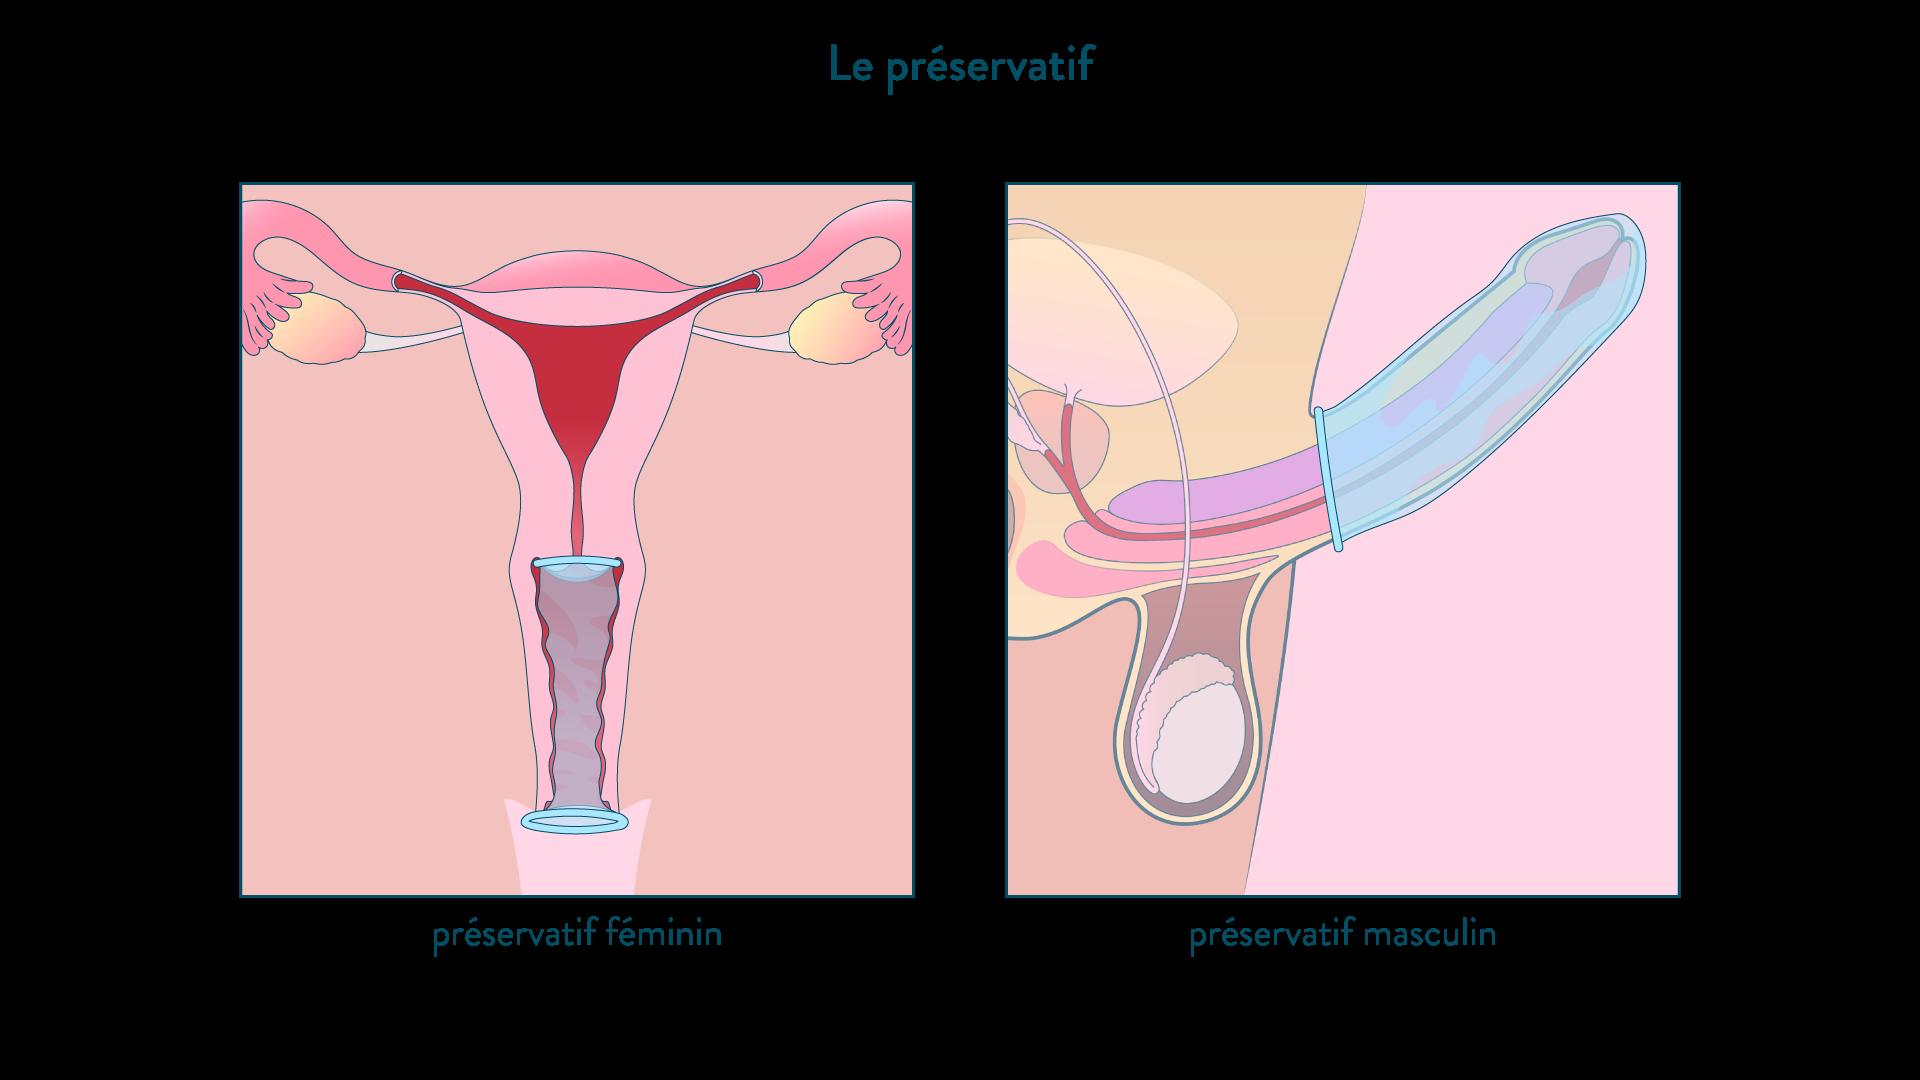 Le préservatif, féminin et masculin